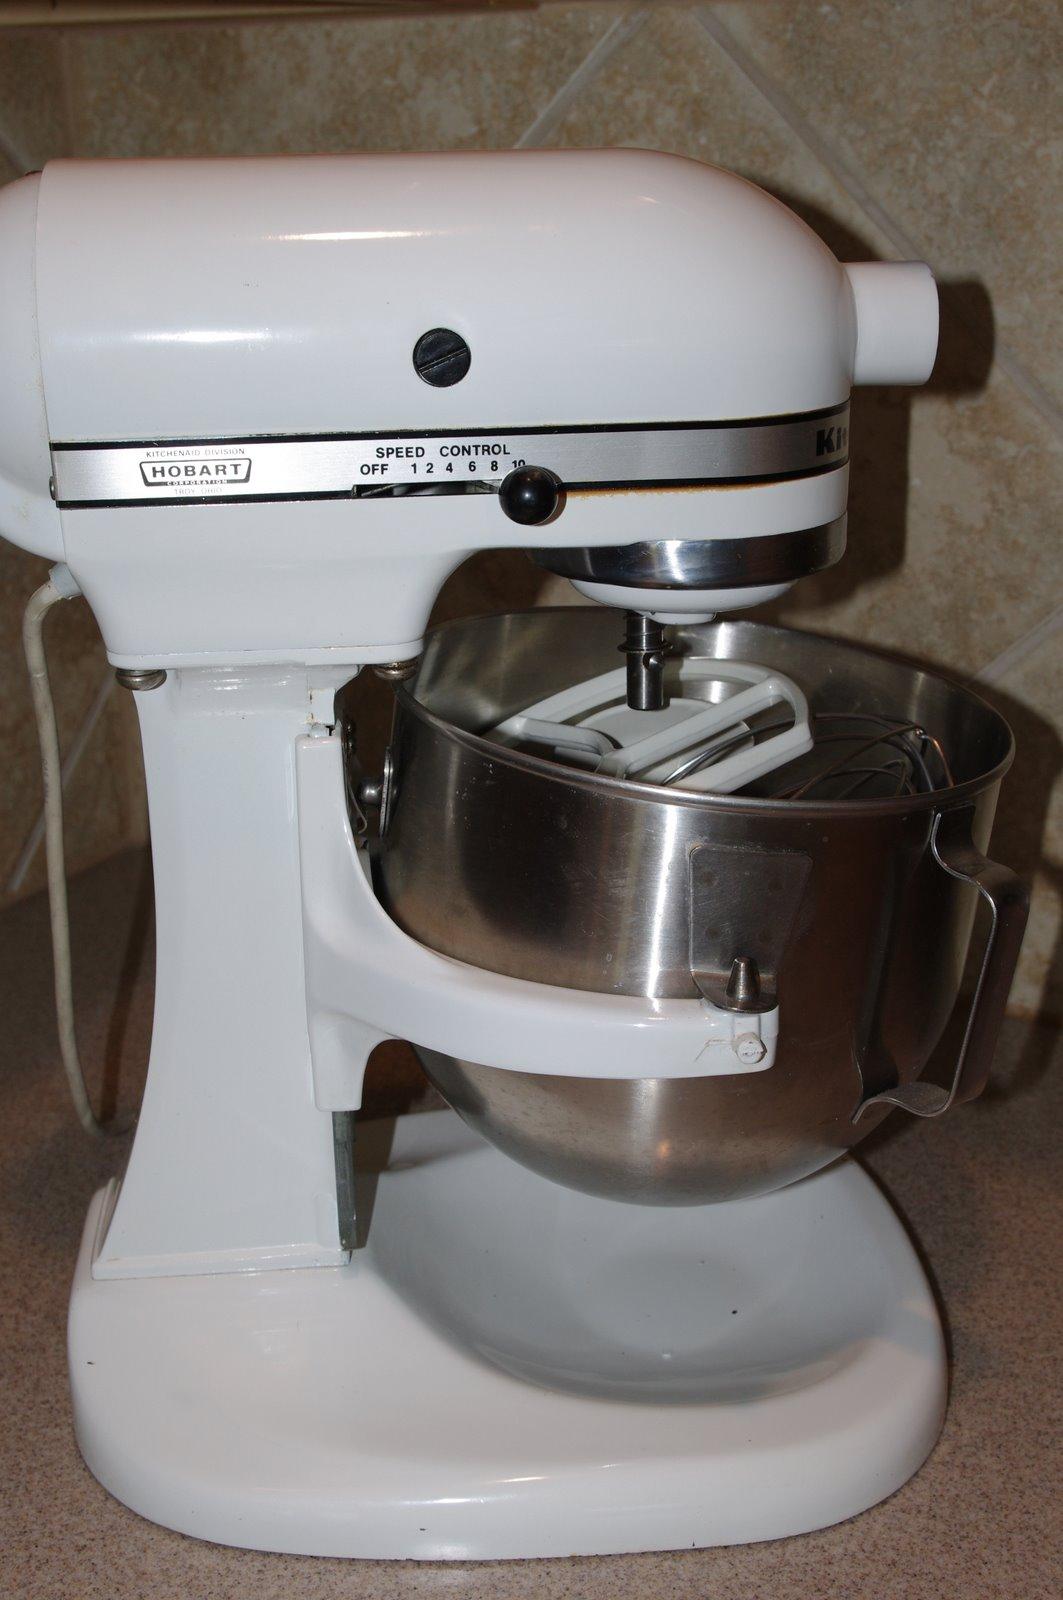 Vintage Kitchenaid Mixer - KITCHEN MIXER on christmas sale, cookies sale, sale sale, electronics sale,